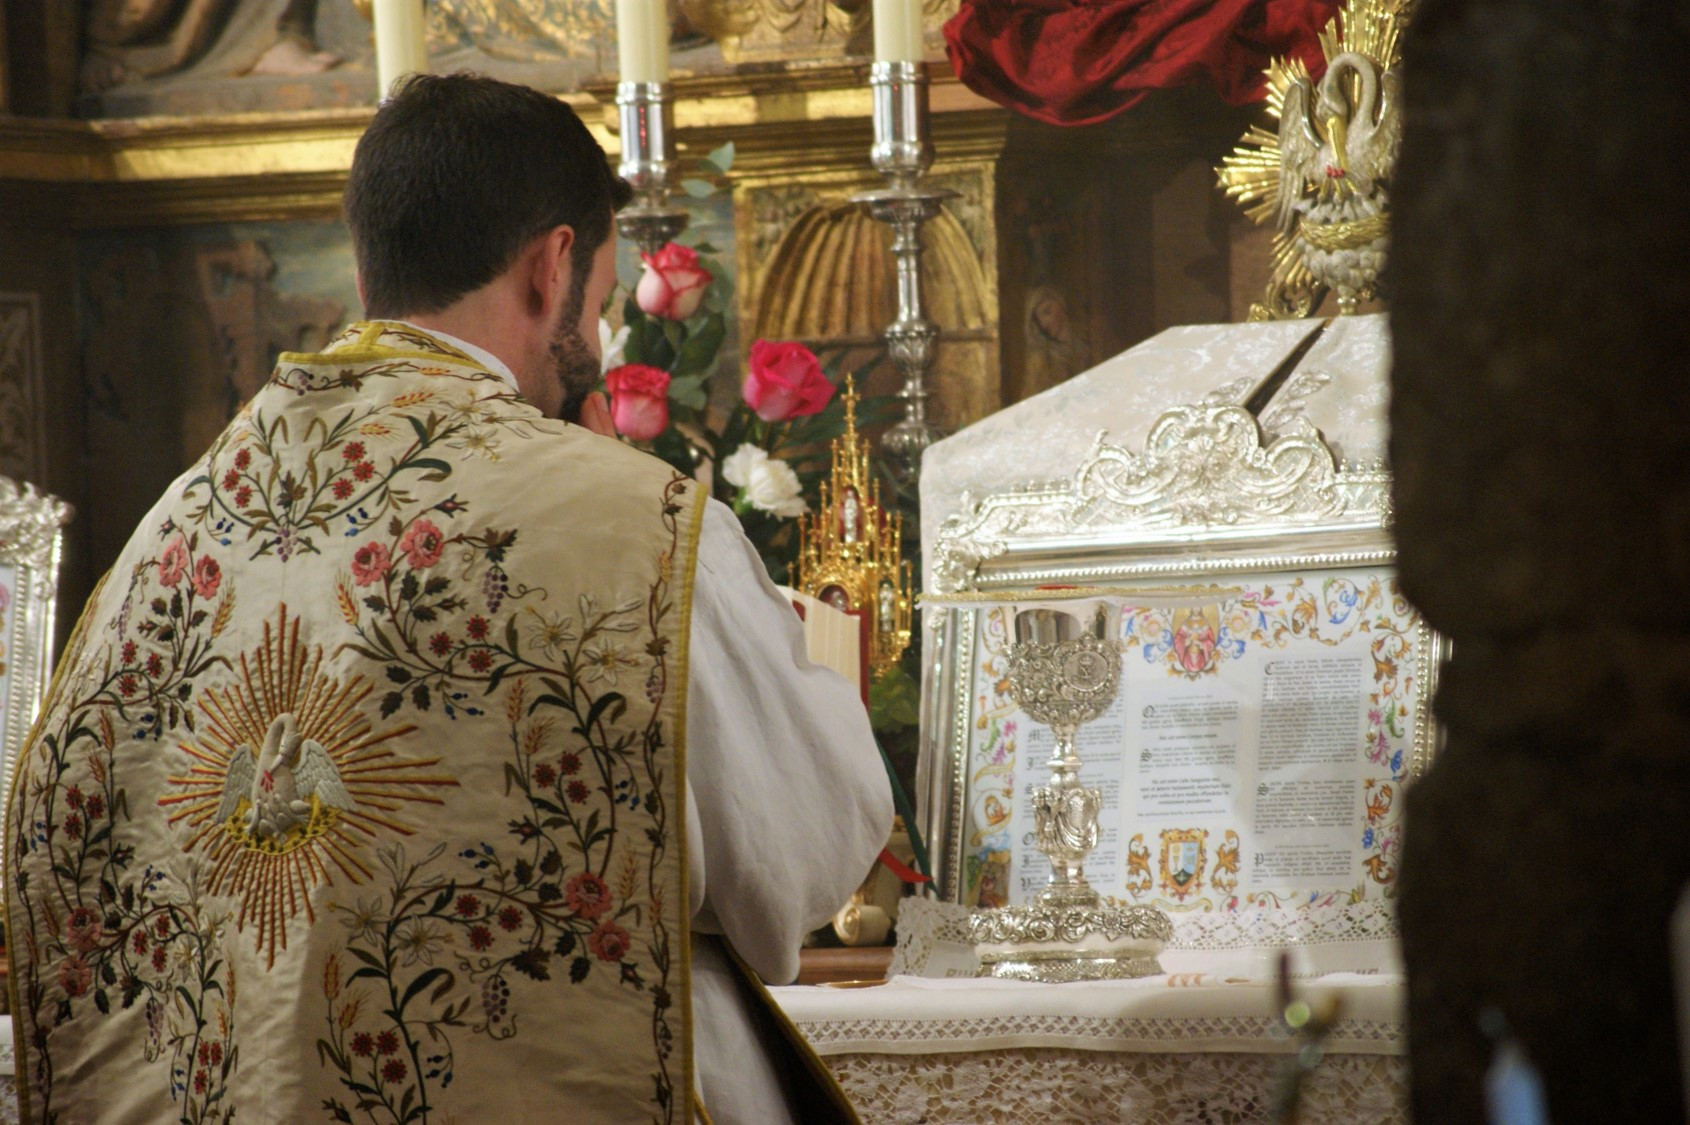 Misas tradicionales en España | España | La Misa de Siempre